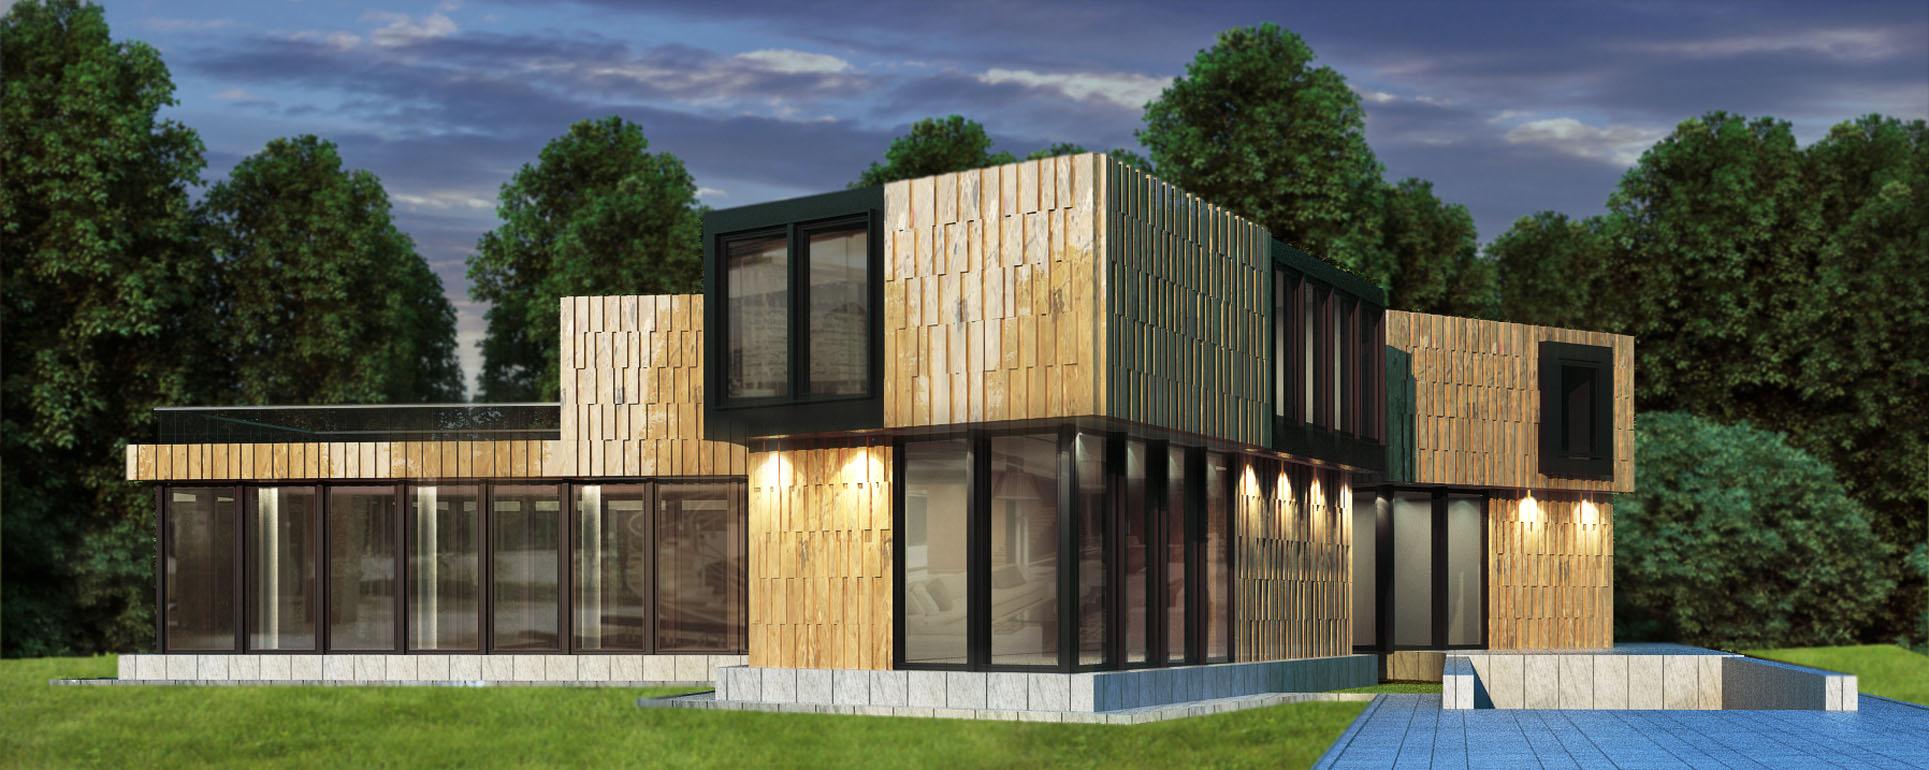 POLO CLUB HOUSES